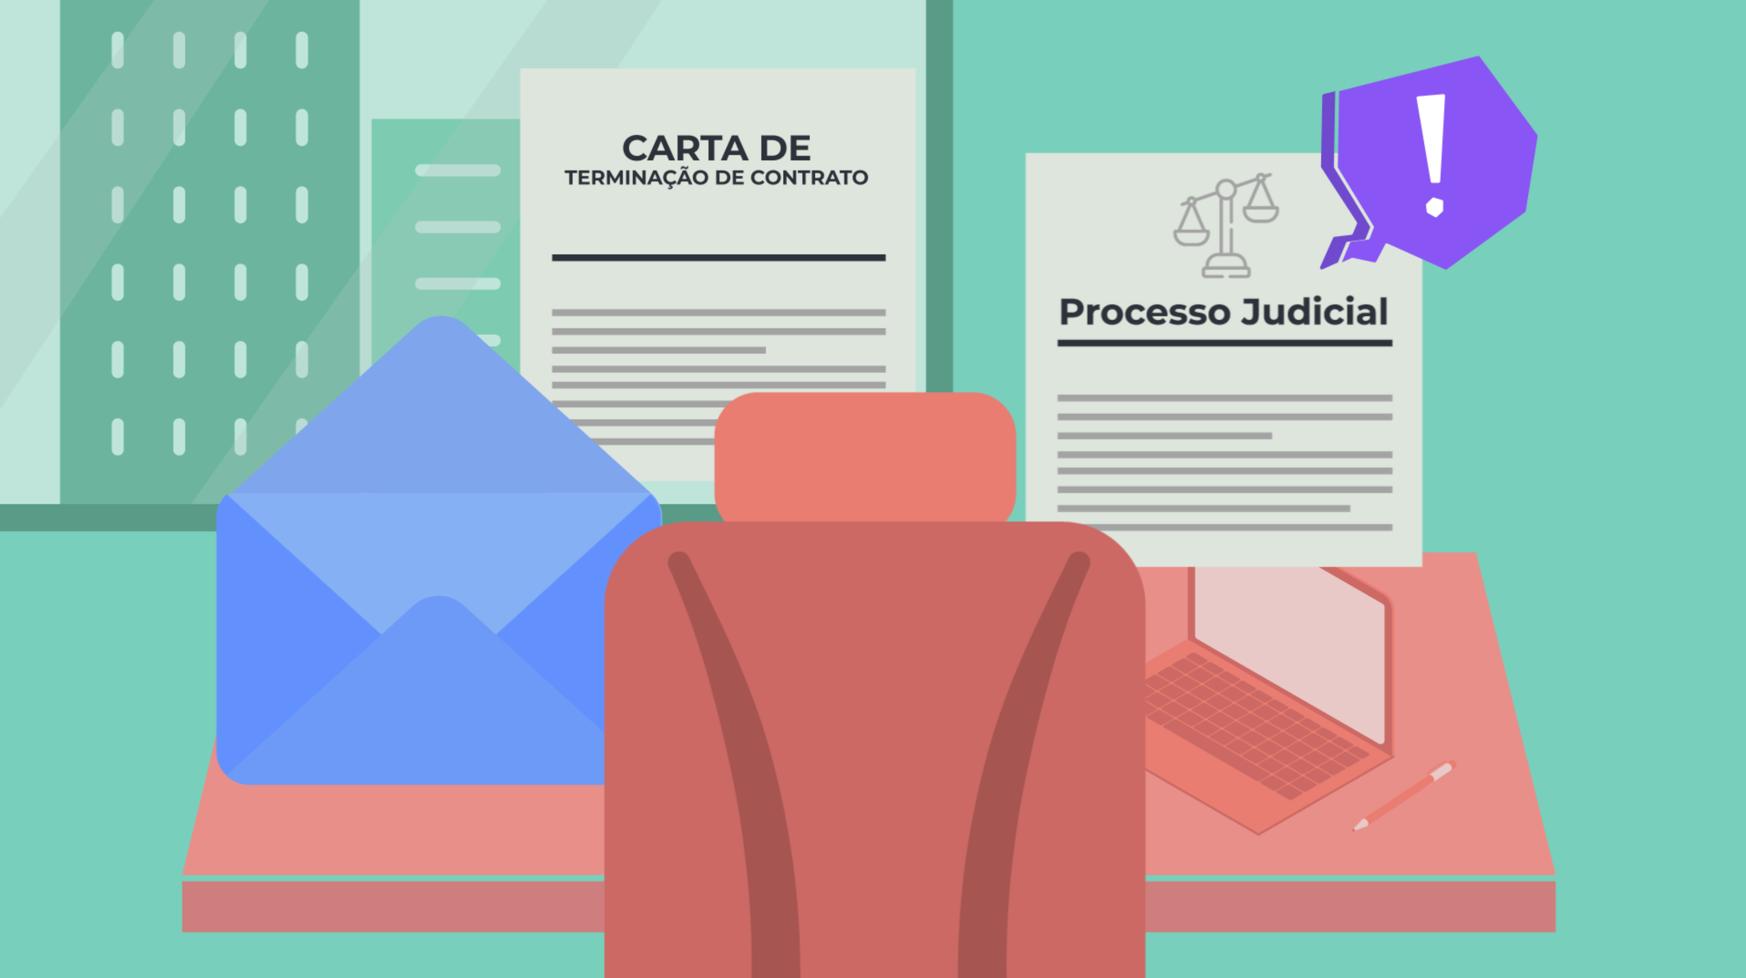 Imagem de cartas com avisos e processos legais para cometer plágio.